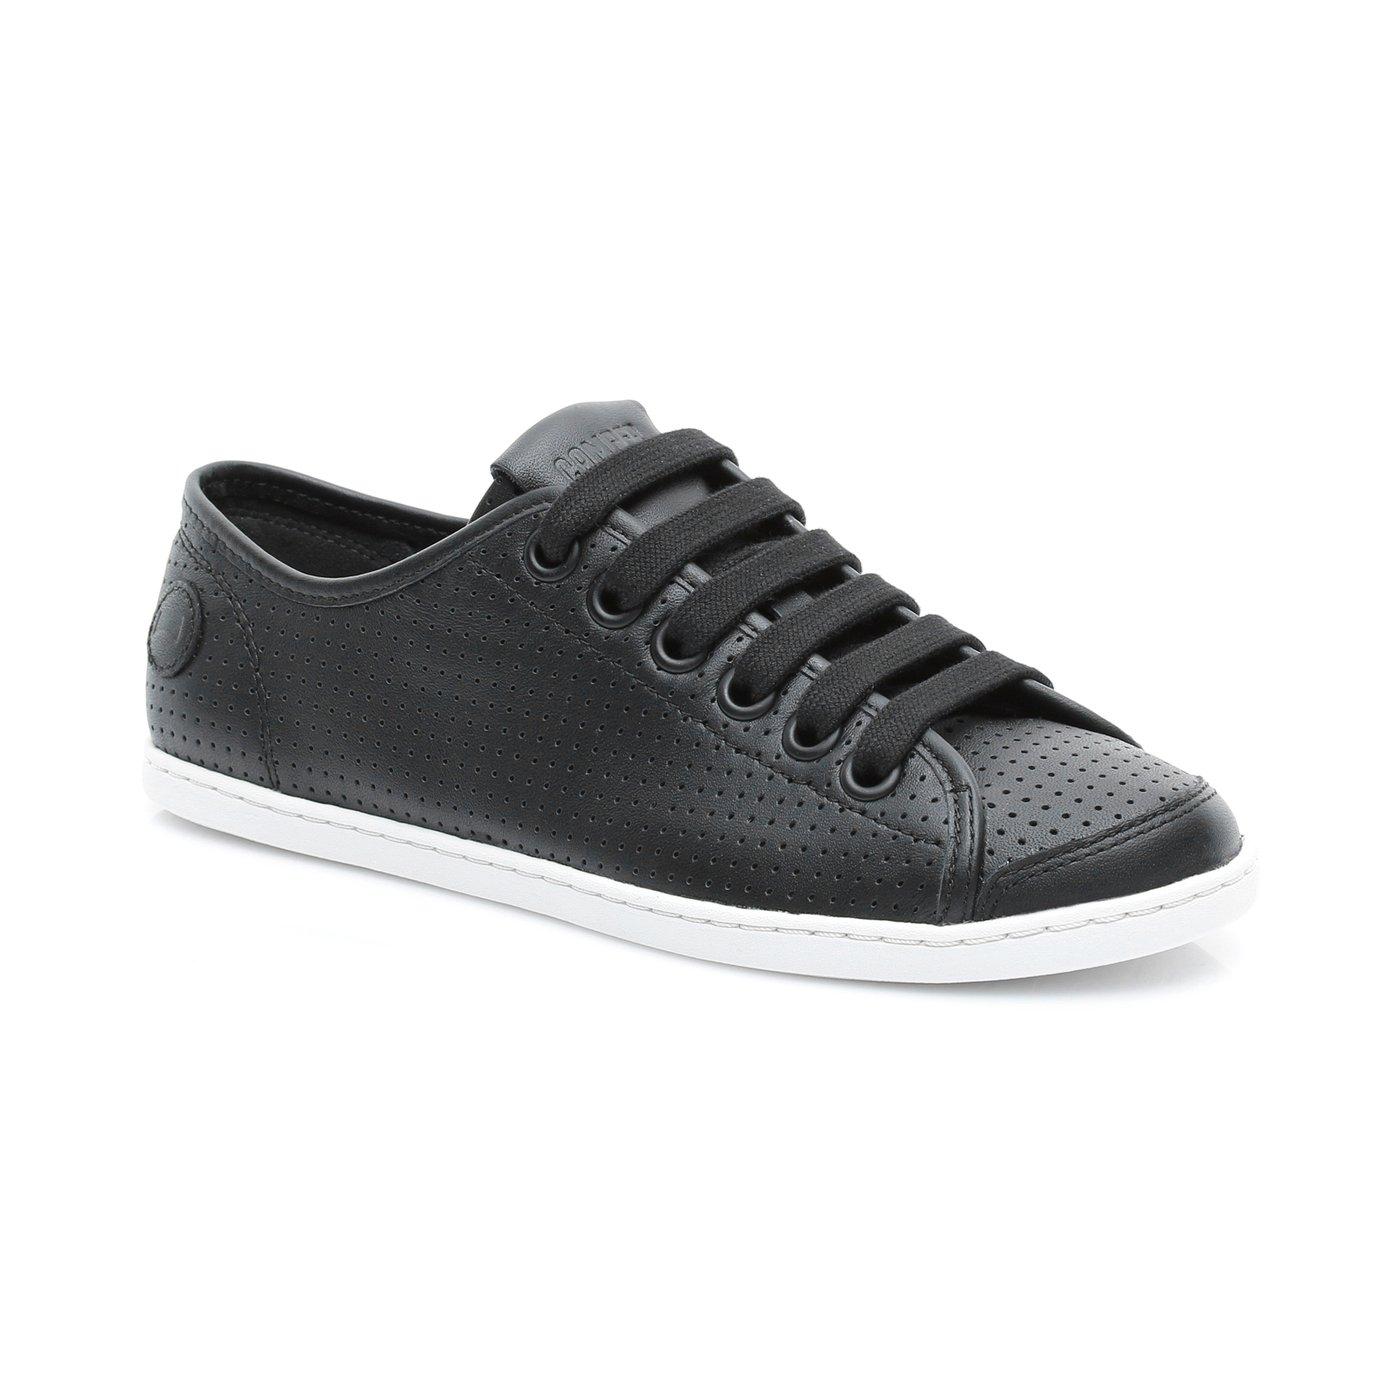 Camper Uno Siyah Kadın Günlük Ayakkabı